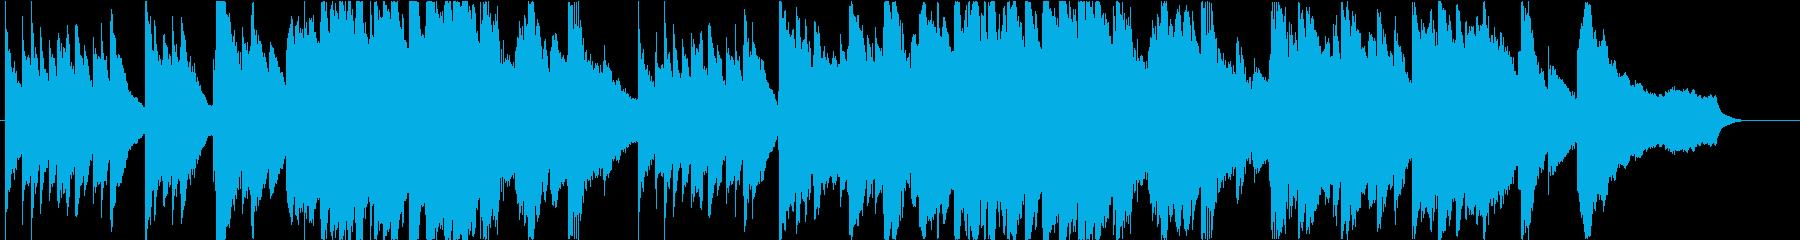 感動的なピアノソロ。回想シーン等の再生済みの波形